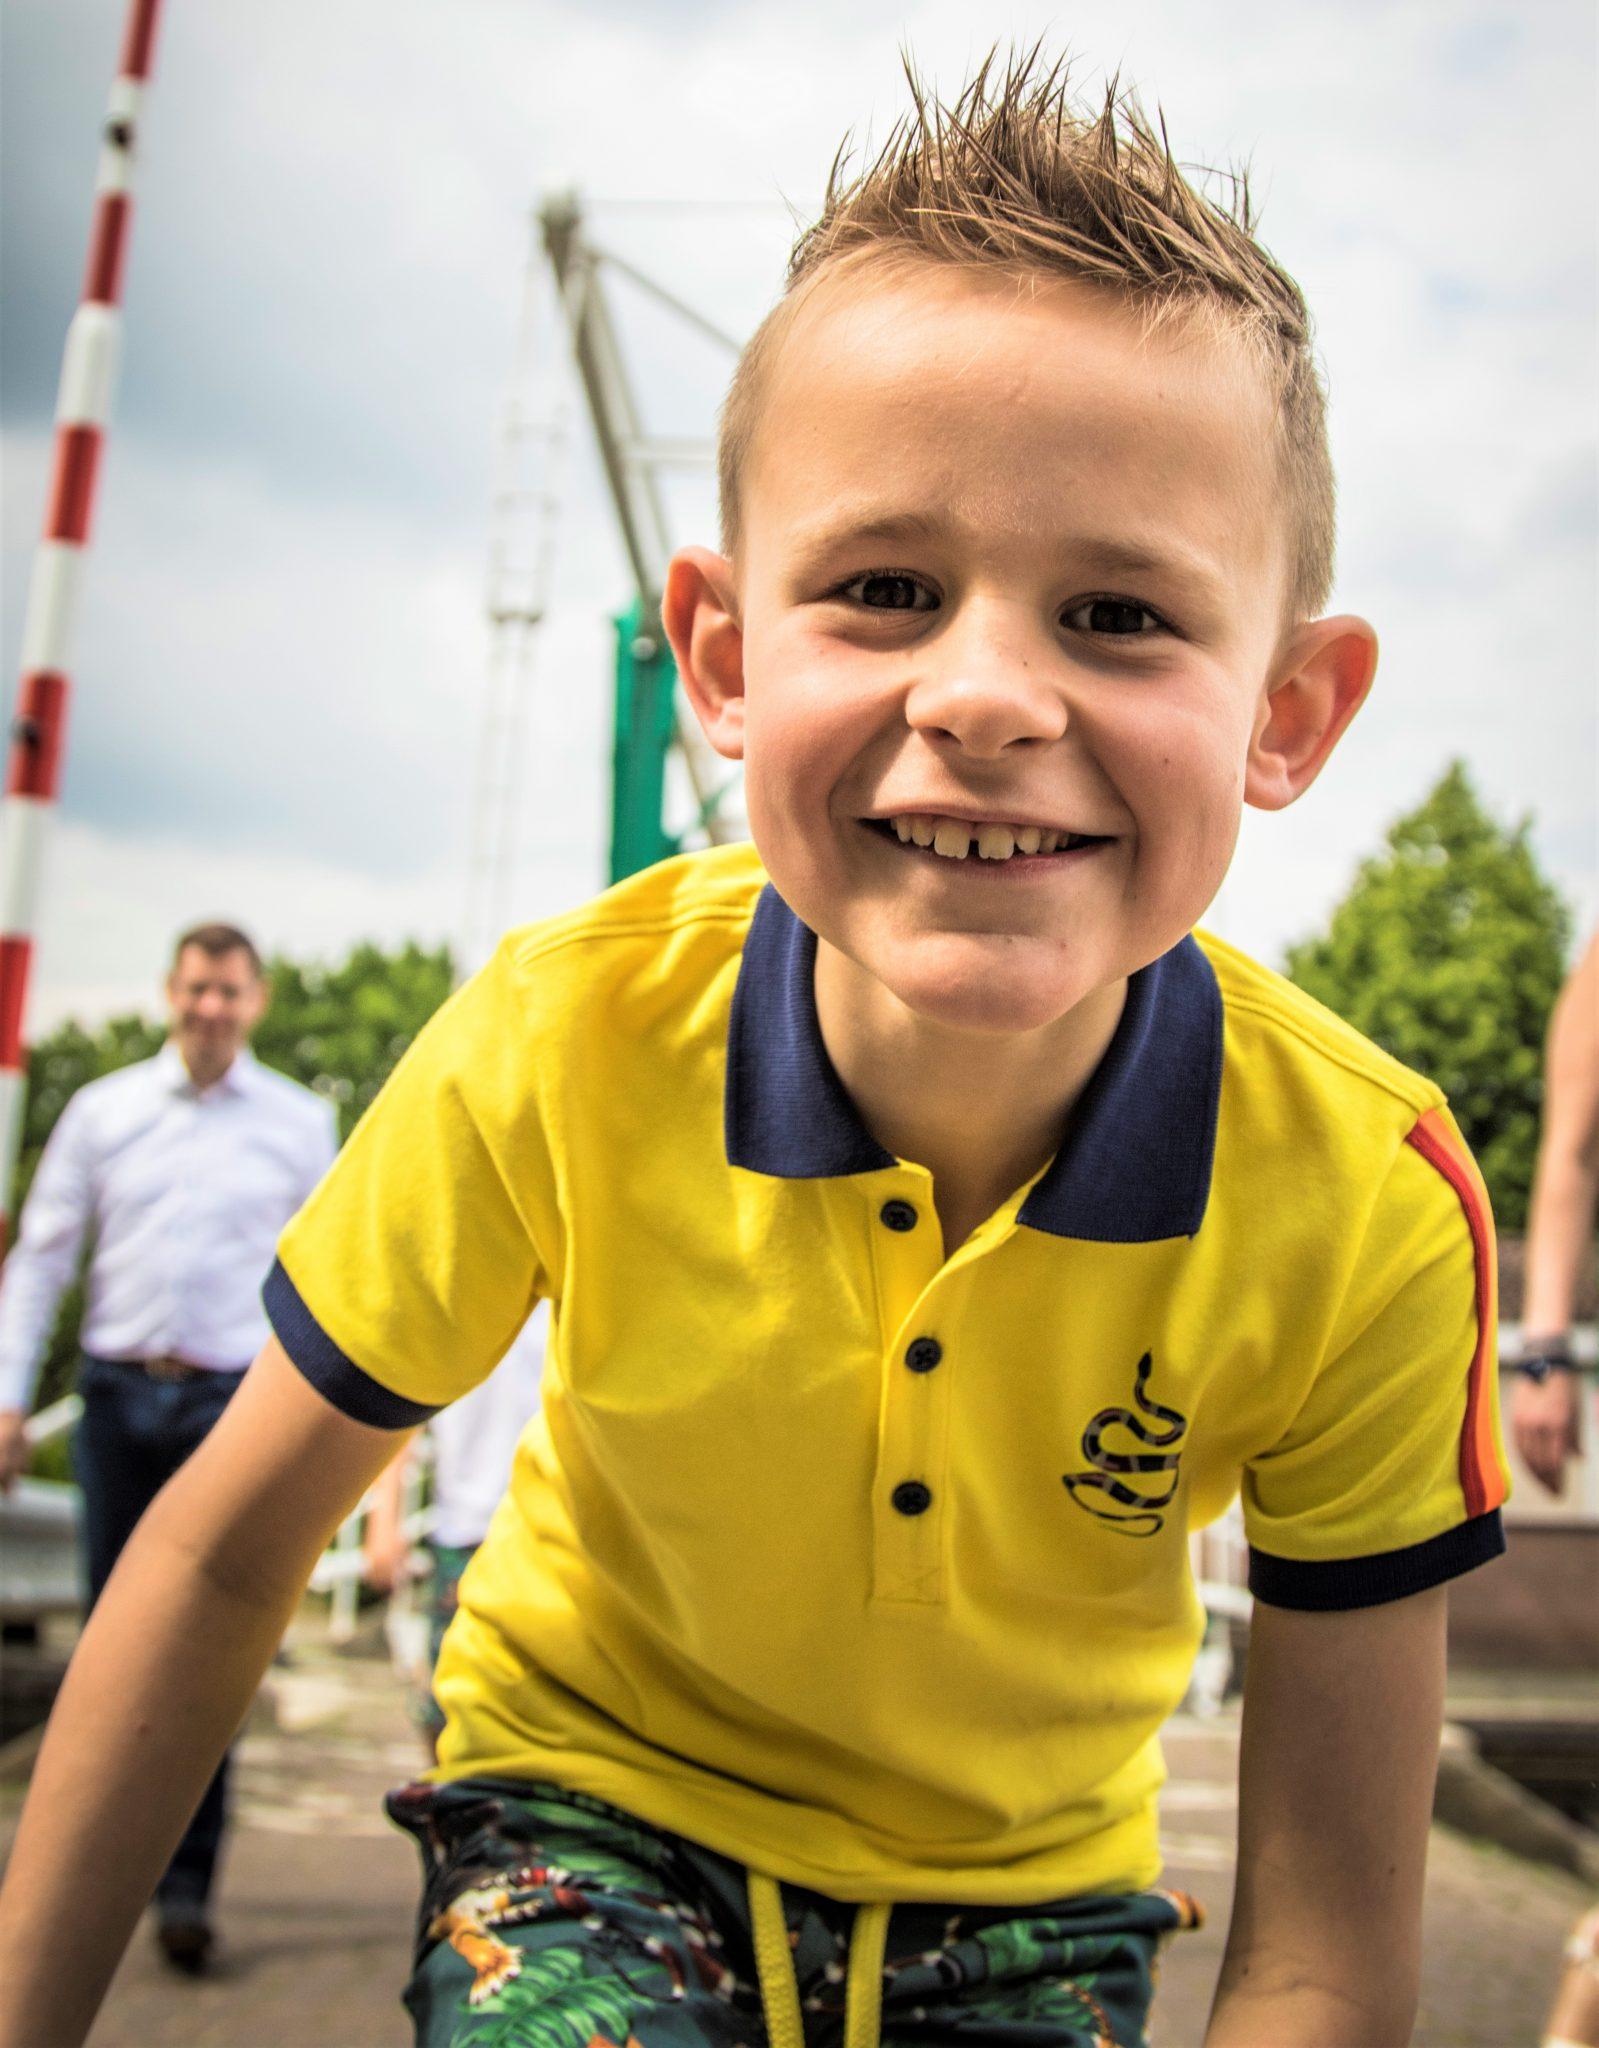 04-10-2020 Pupil van de week : Mika Kersten (ELI vs Acht)